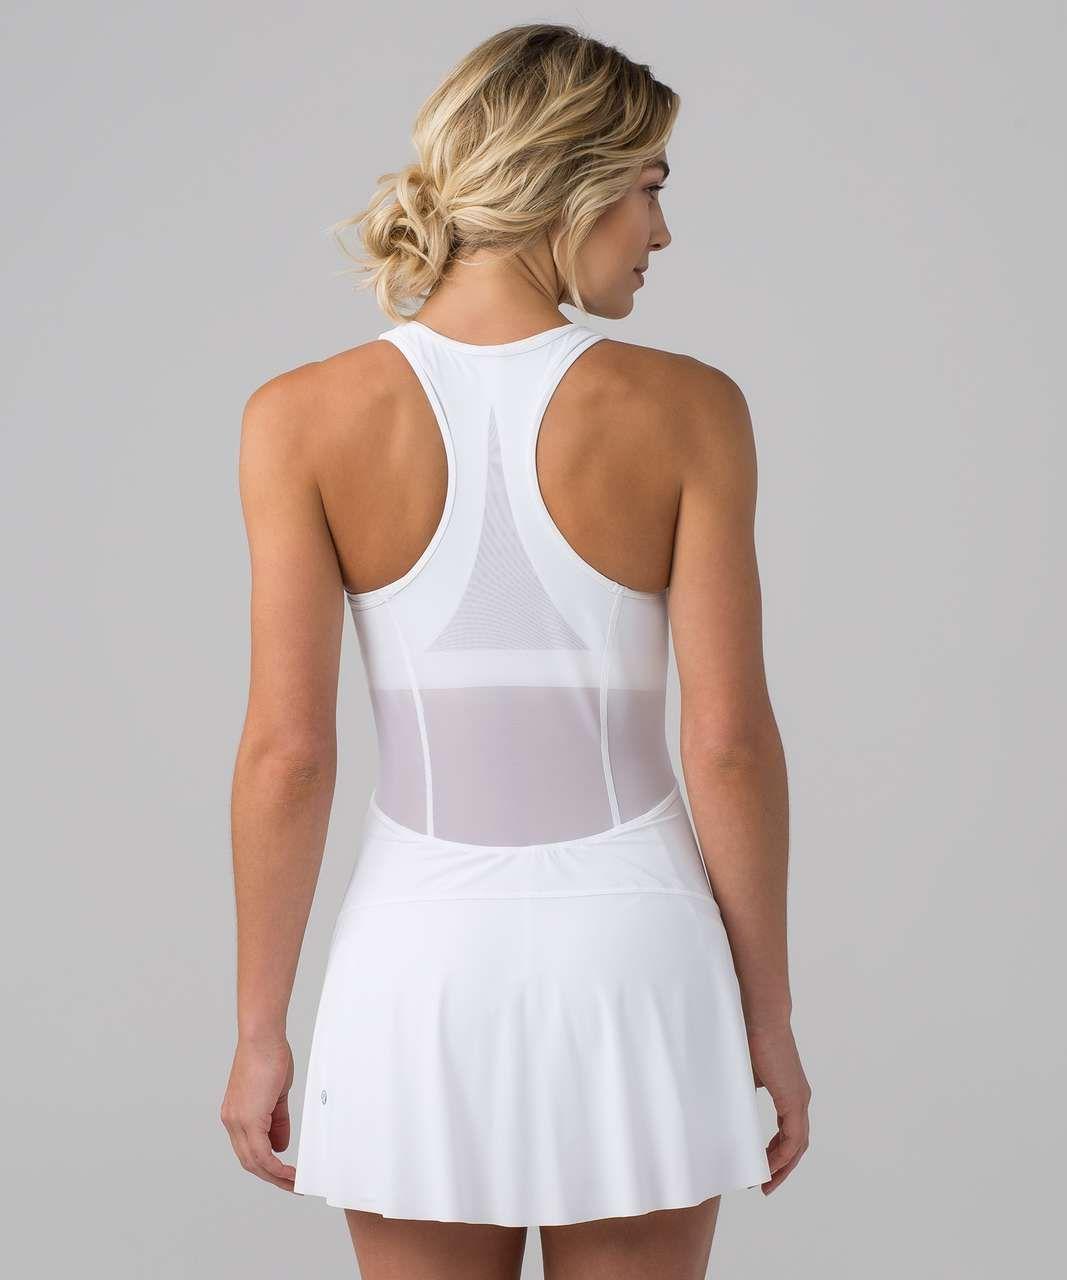 Lululemon Final Lap Dress White Lulu Fanatics Sport Dress Outfit Tennis Outfit Women Tennis Skirt Outfit [ 1280 x 1067 Pixel ]